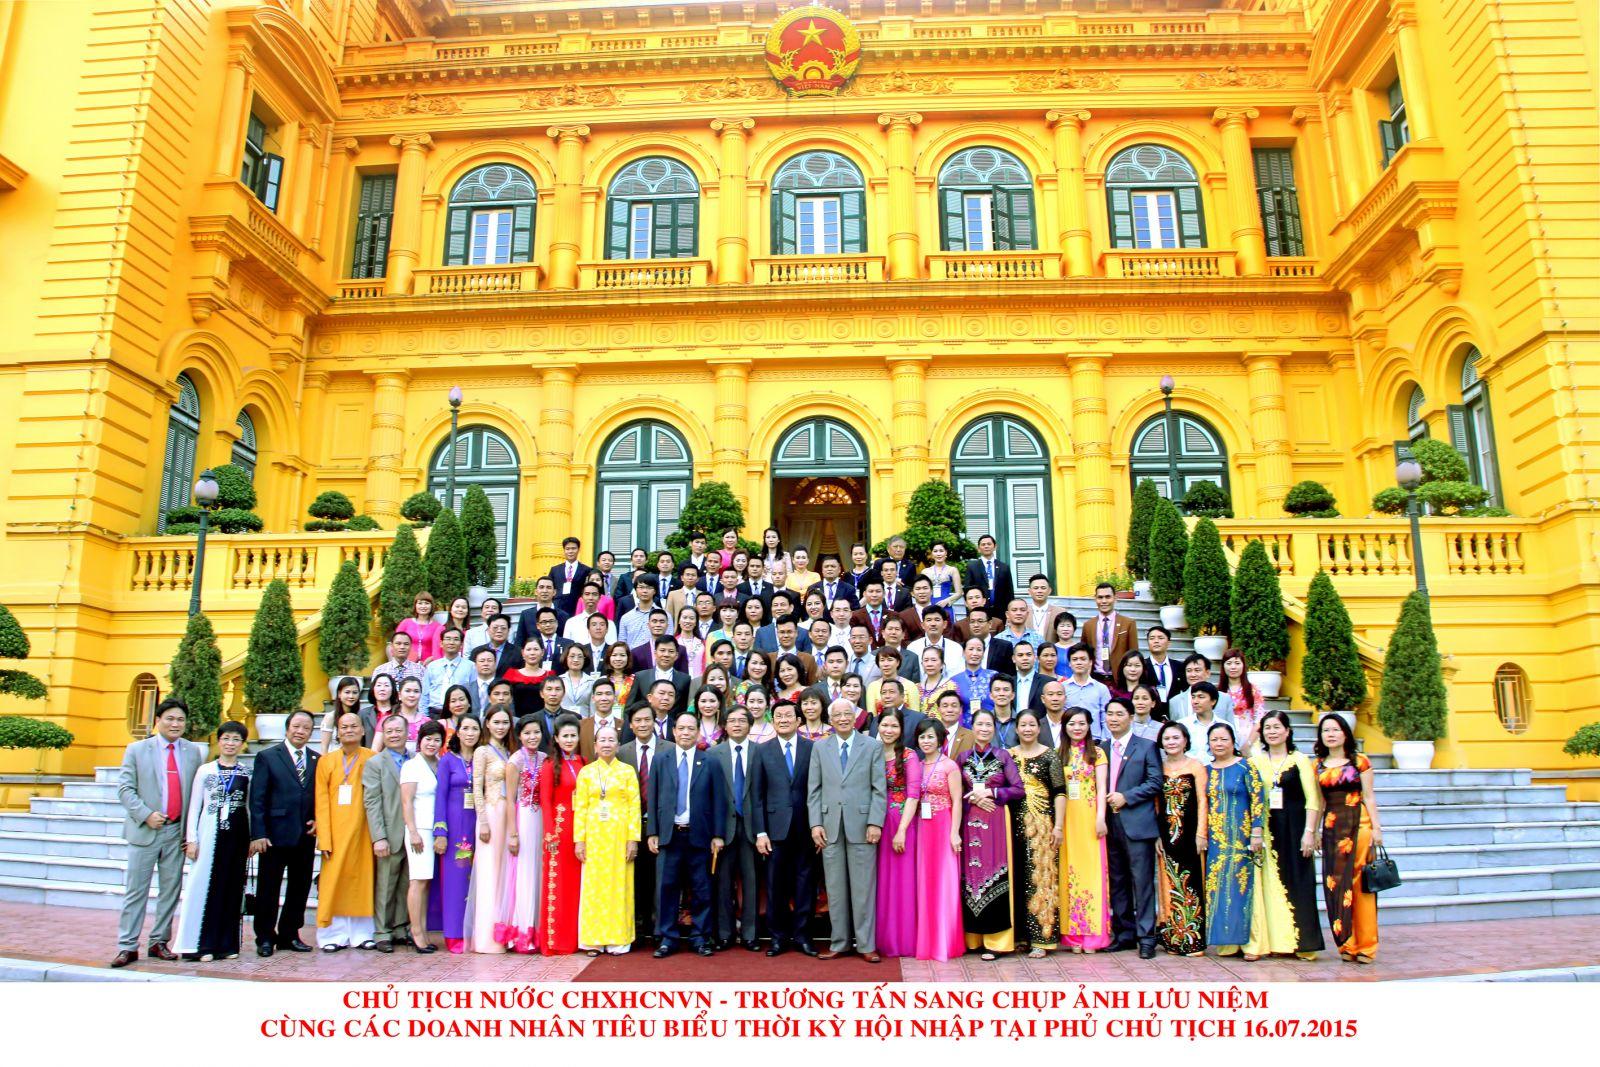 Đại diện Tatu Luxury tham gia buổi gặp mặt Chủ tịch nước Trương Tấn Sang năm 2015